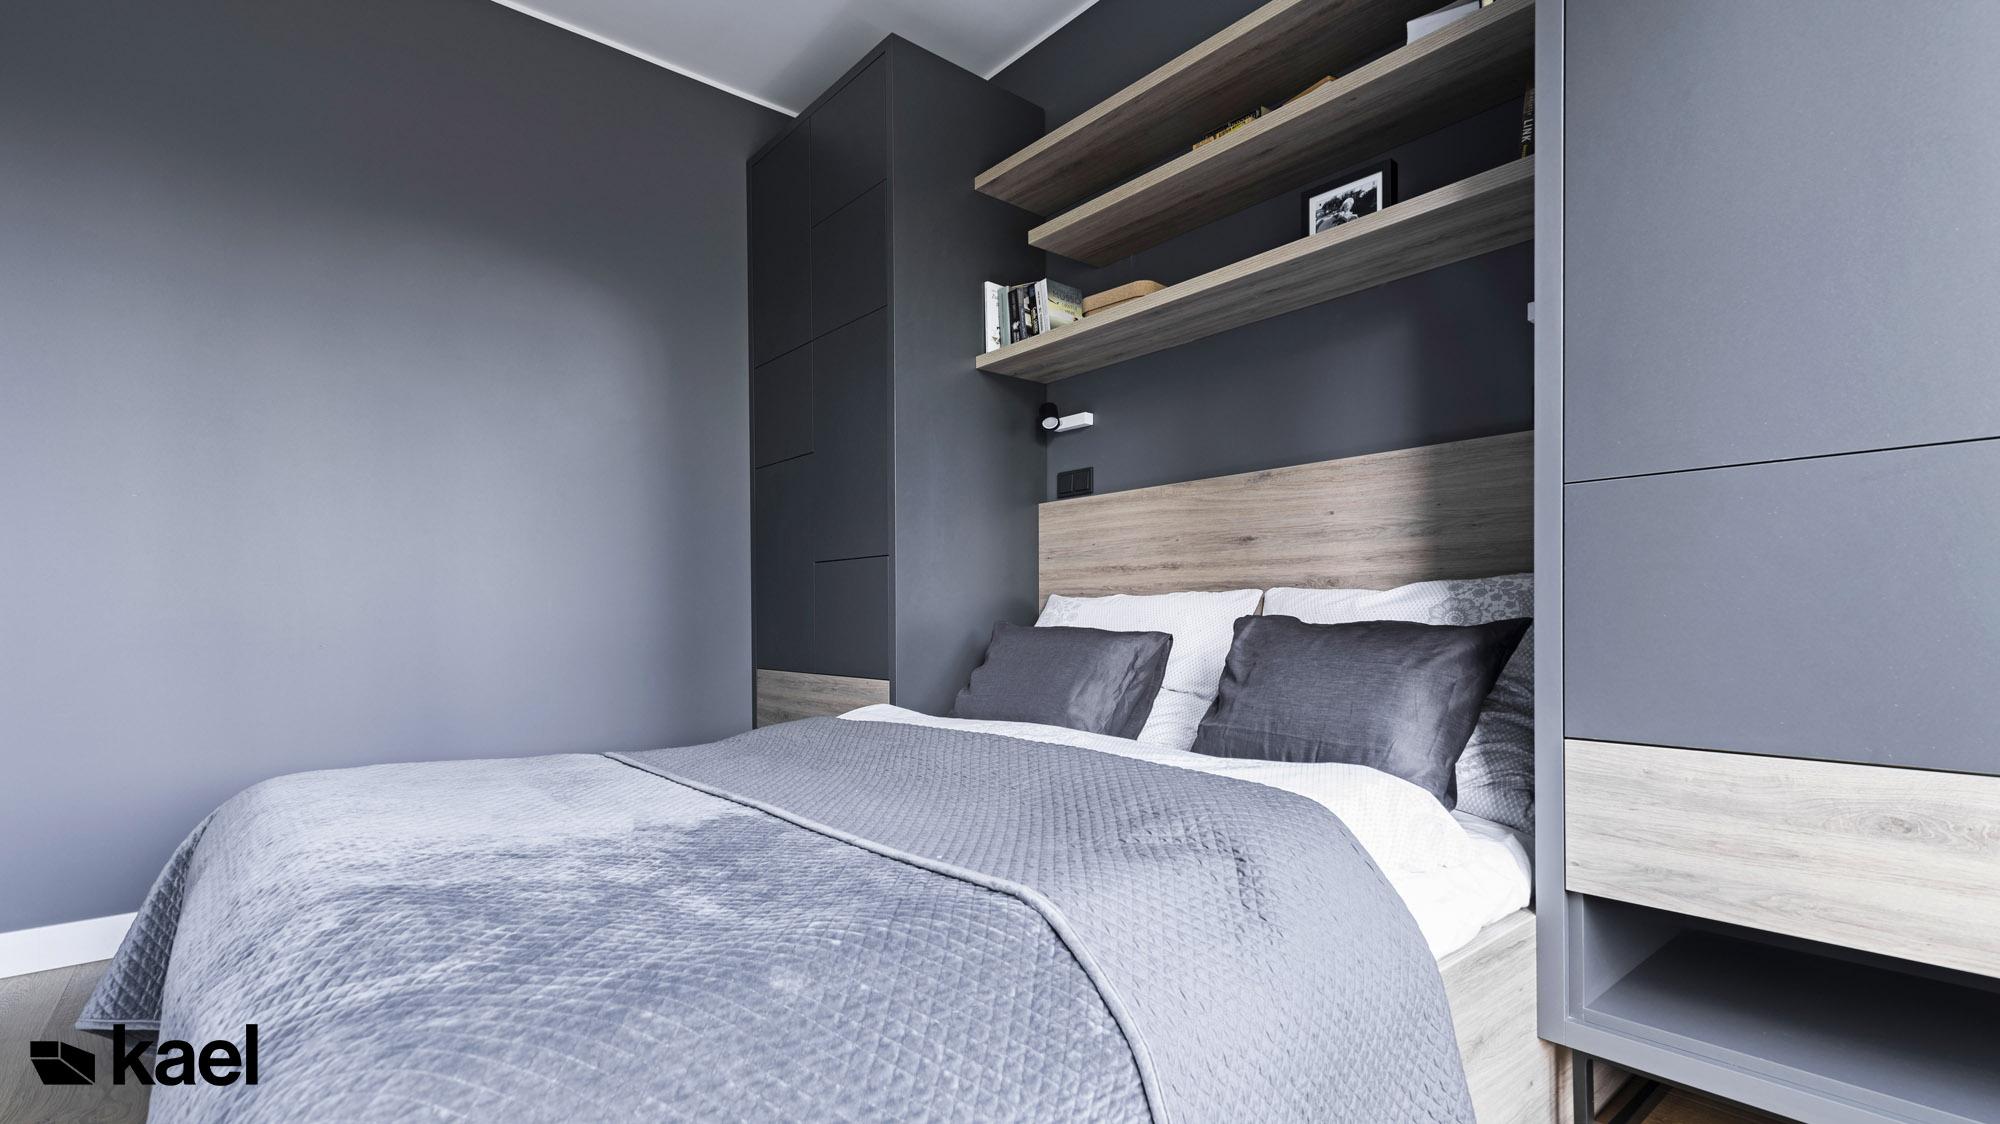 Półki nad łóżkiem w sypialni.